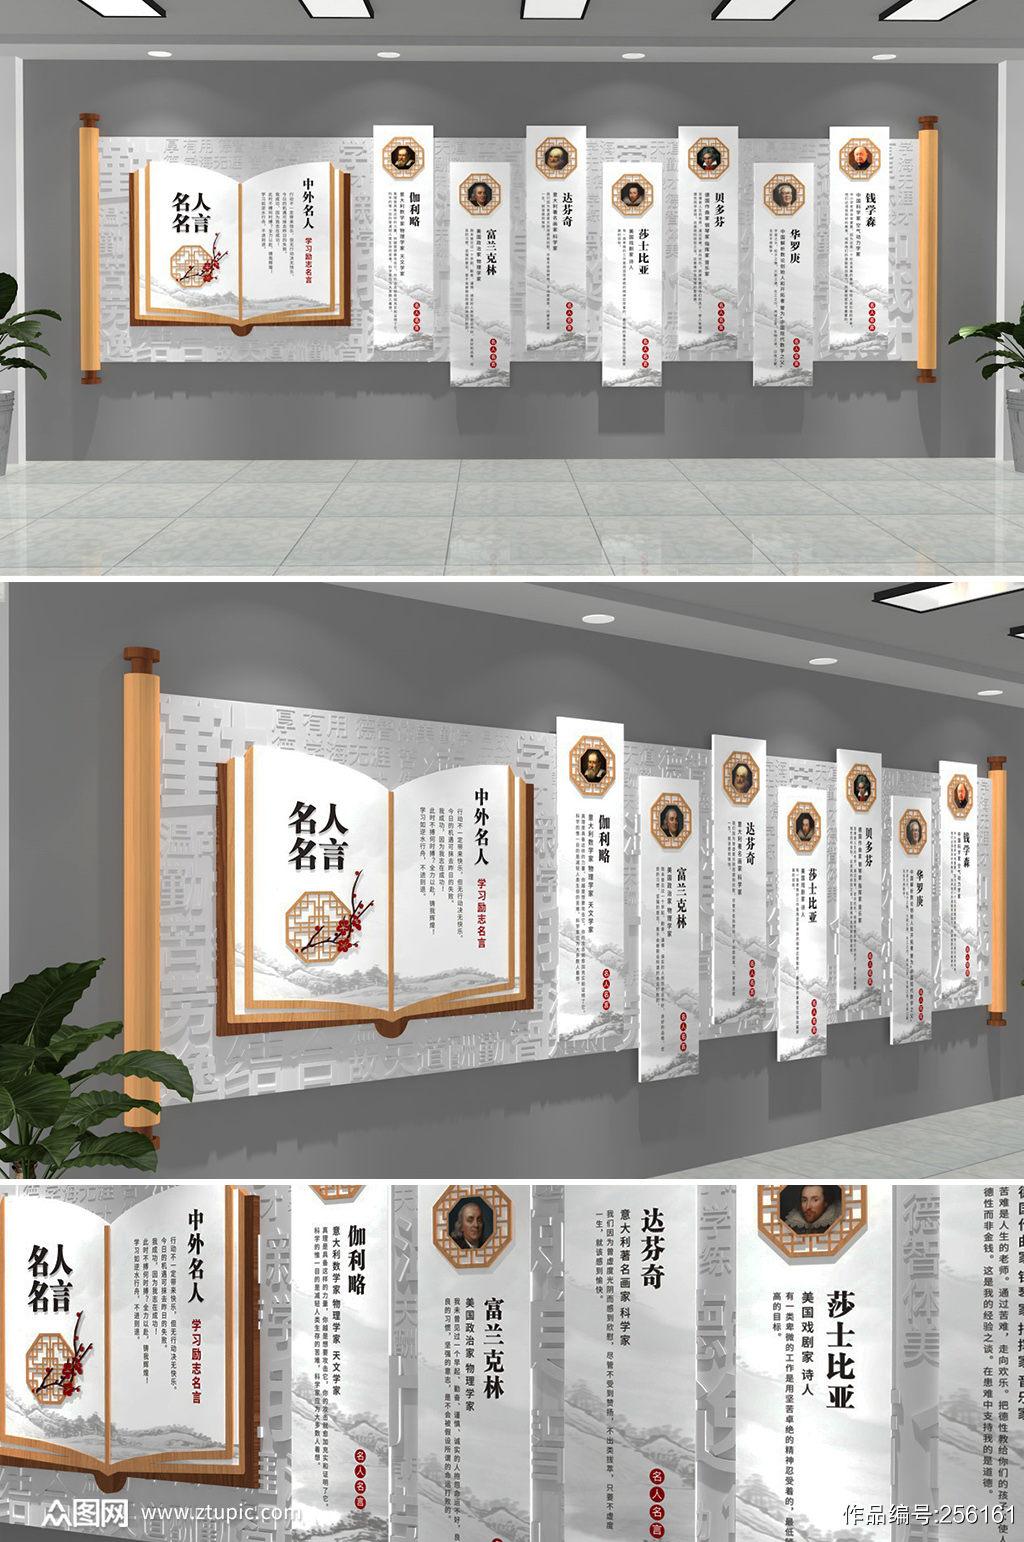 卷轴名人名言班级教室图书室校园文化墙名人墙素材